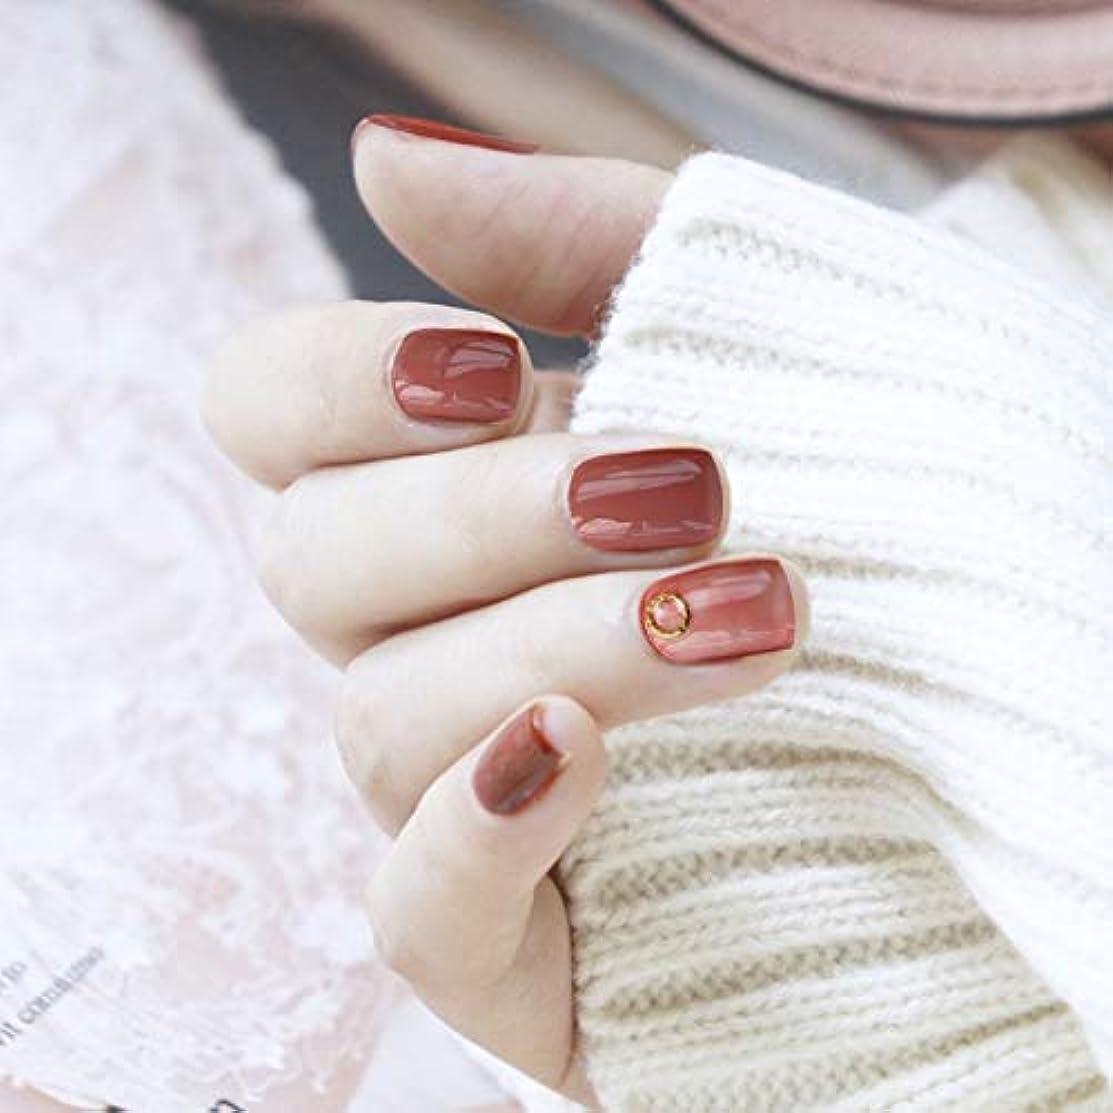 ふざけたブレーキ切り下げVALEN Nail Patch ネイルチップ 手作りネイルチップ ネイルジュエリー つけ爪 24枚入 フルチップ シンプル 結婚式、パーティー、二次会などに ネイルアート 赤